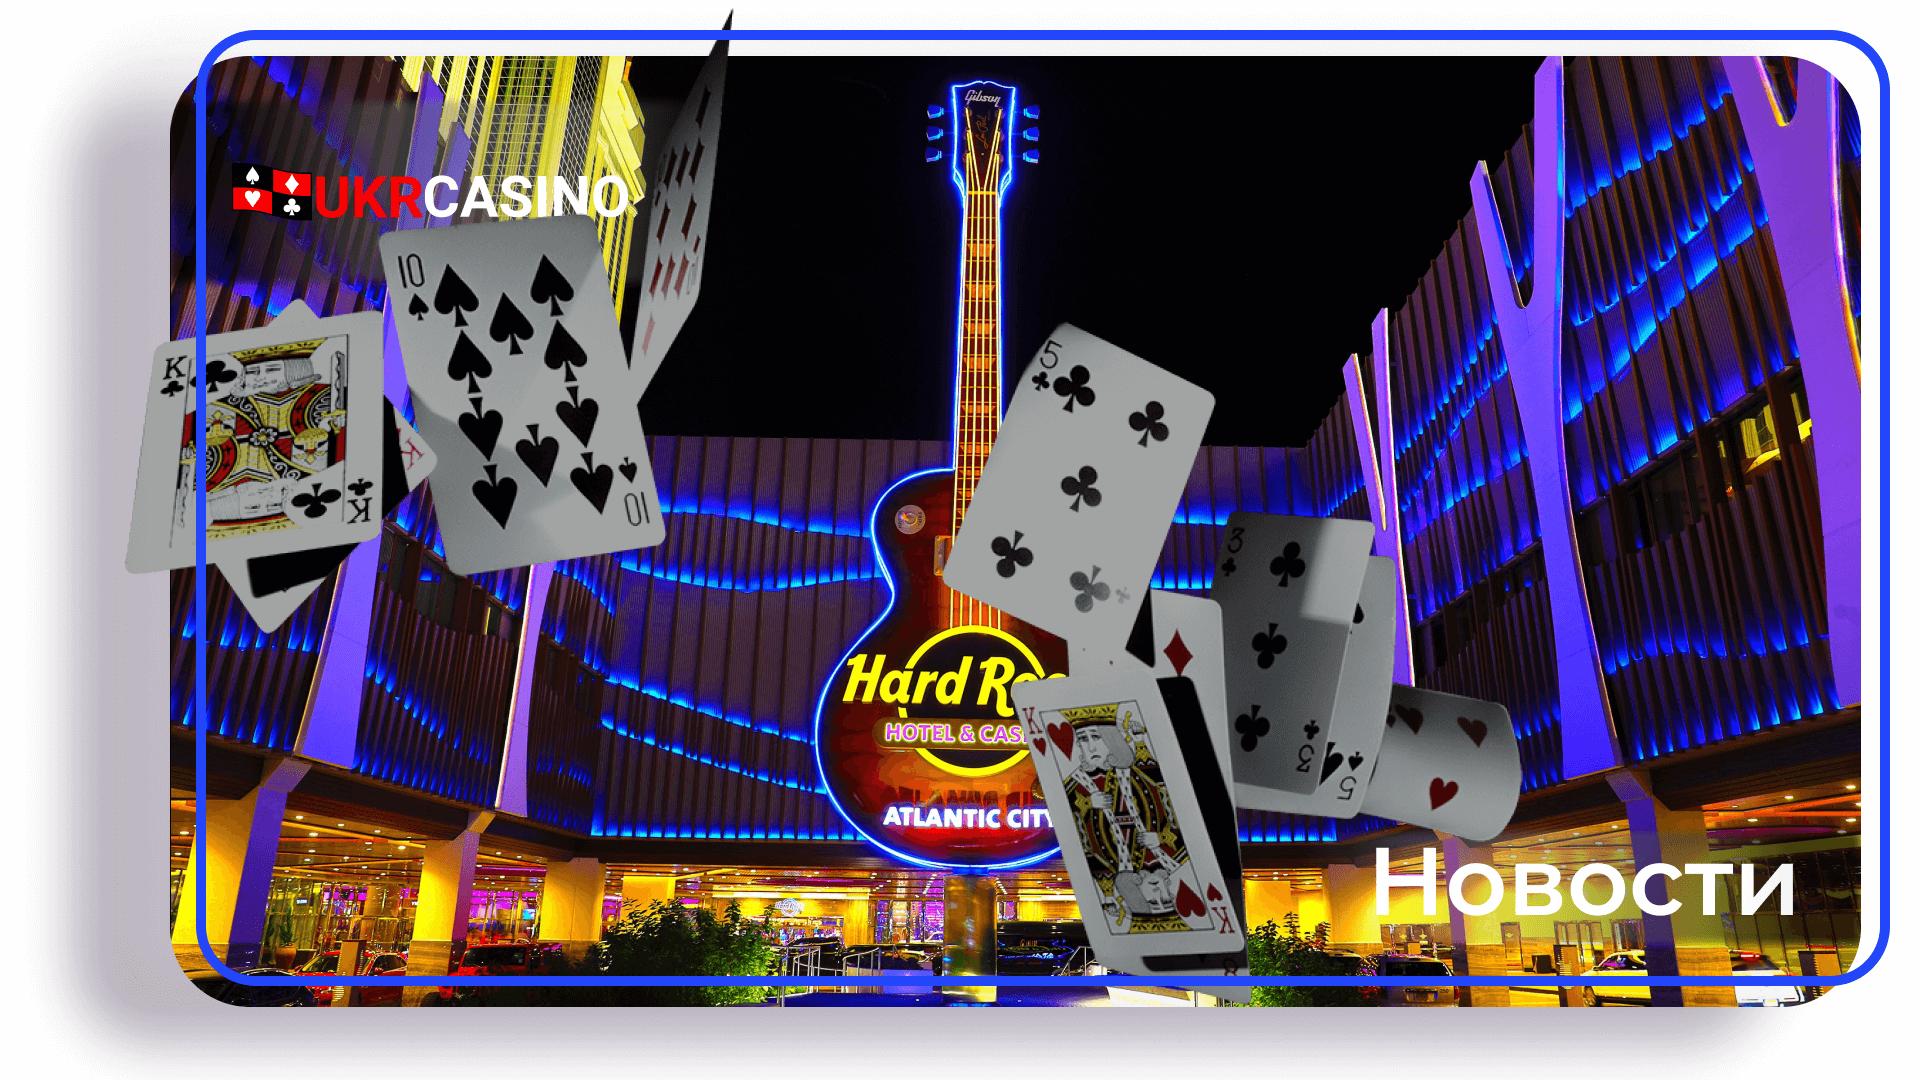 Житель Америки сорвал джекпот в блэкджек на игровом автомате в казино Атлантик-сити